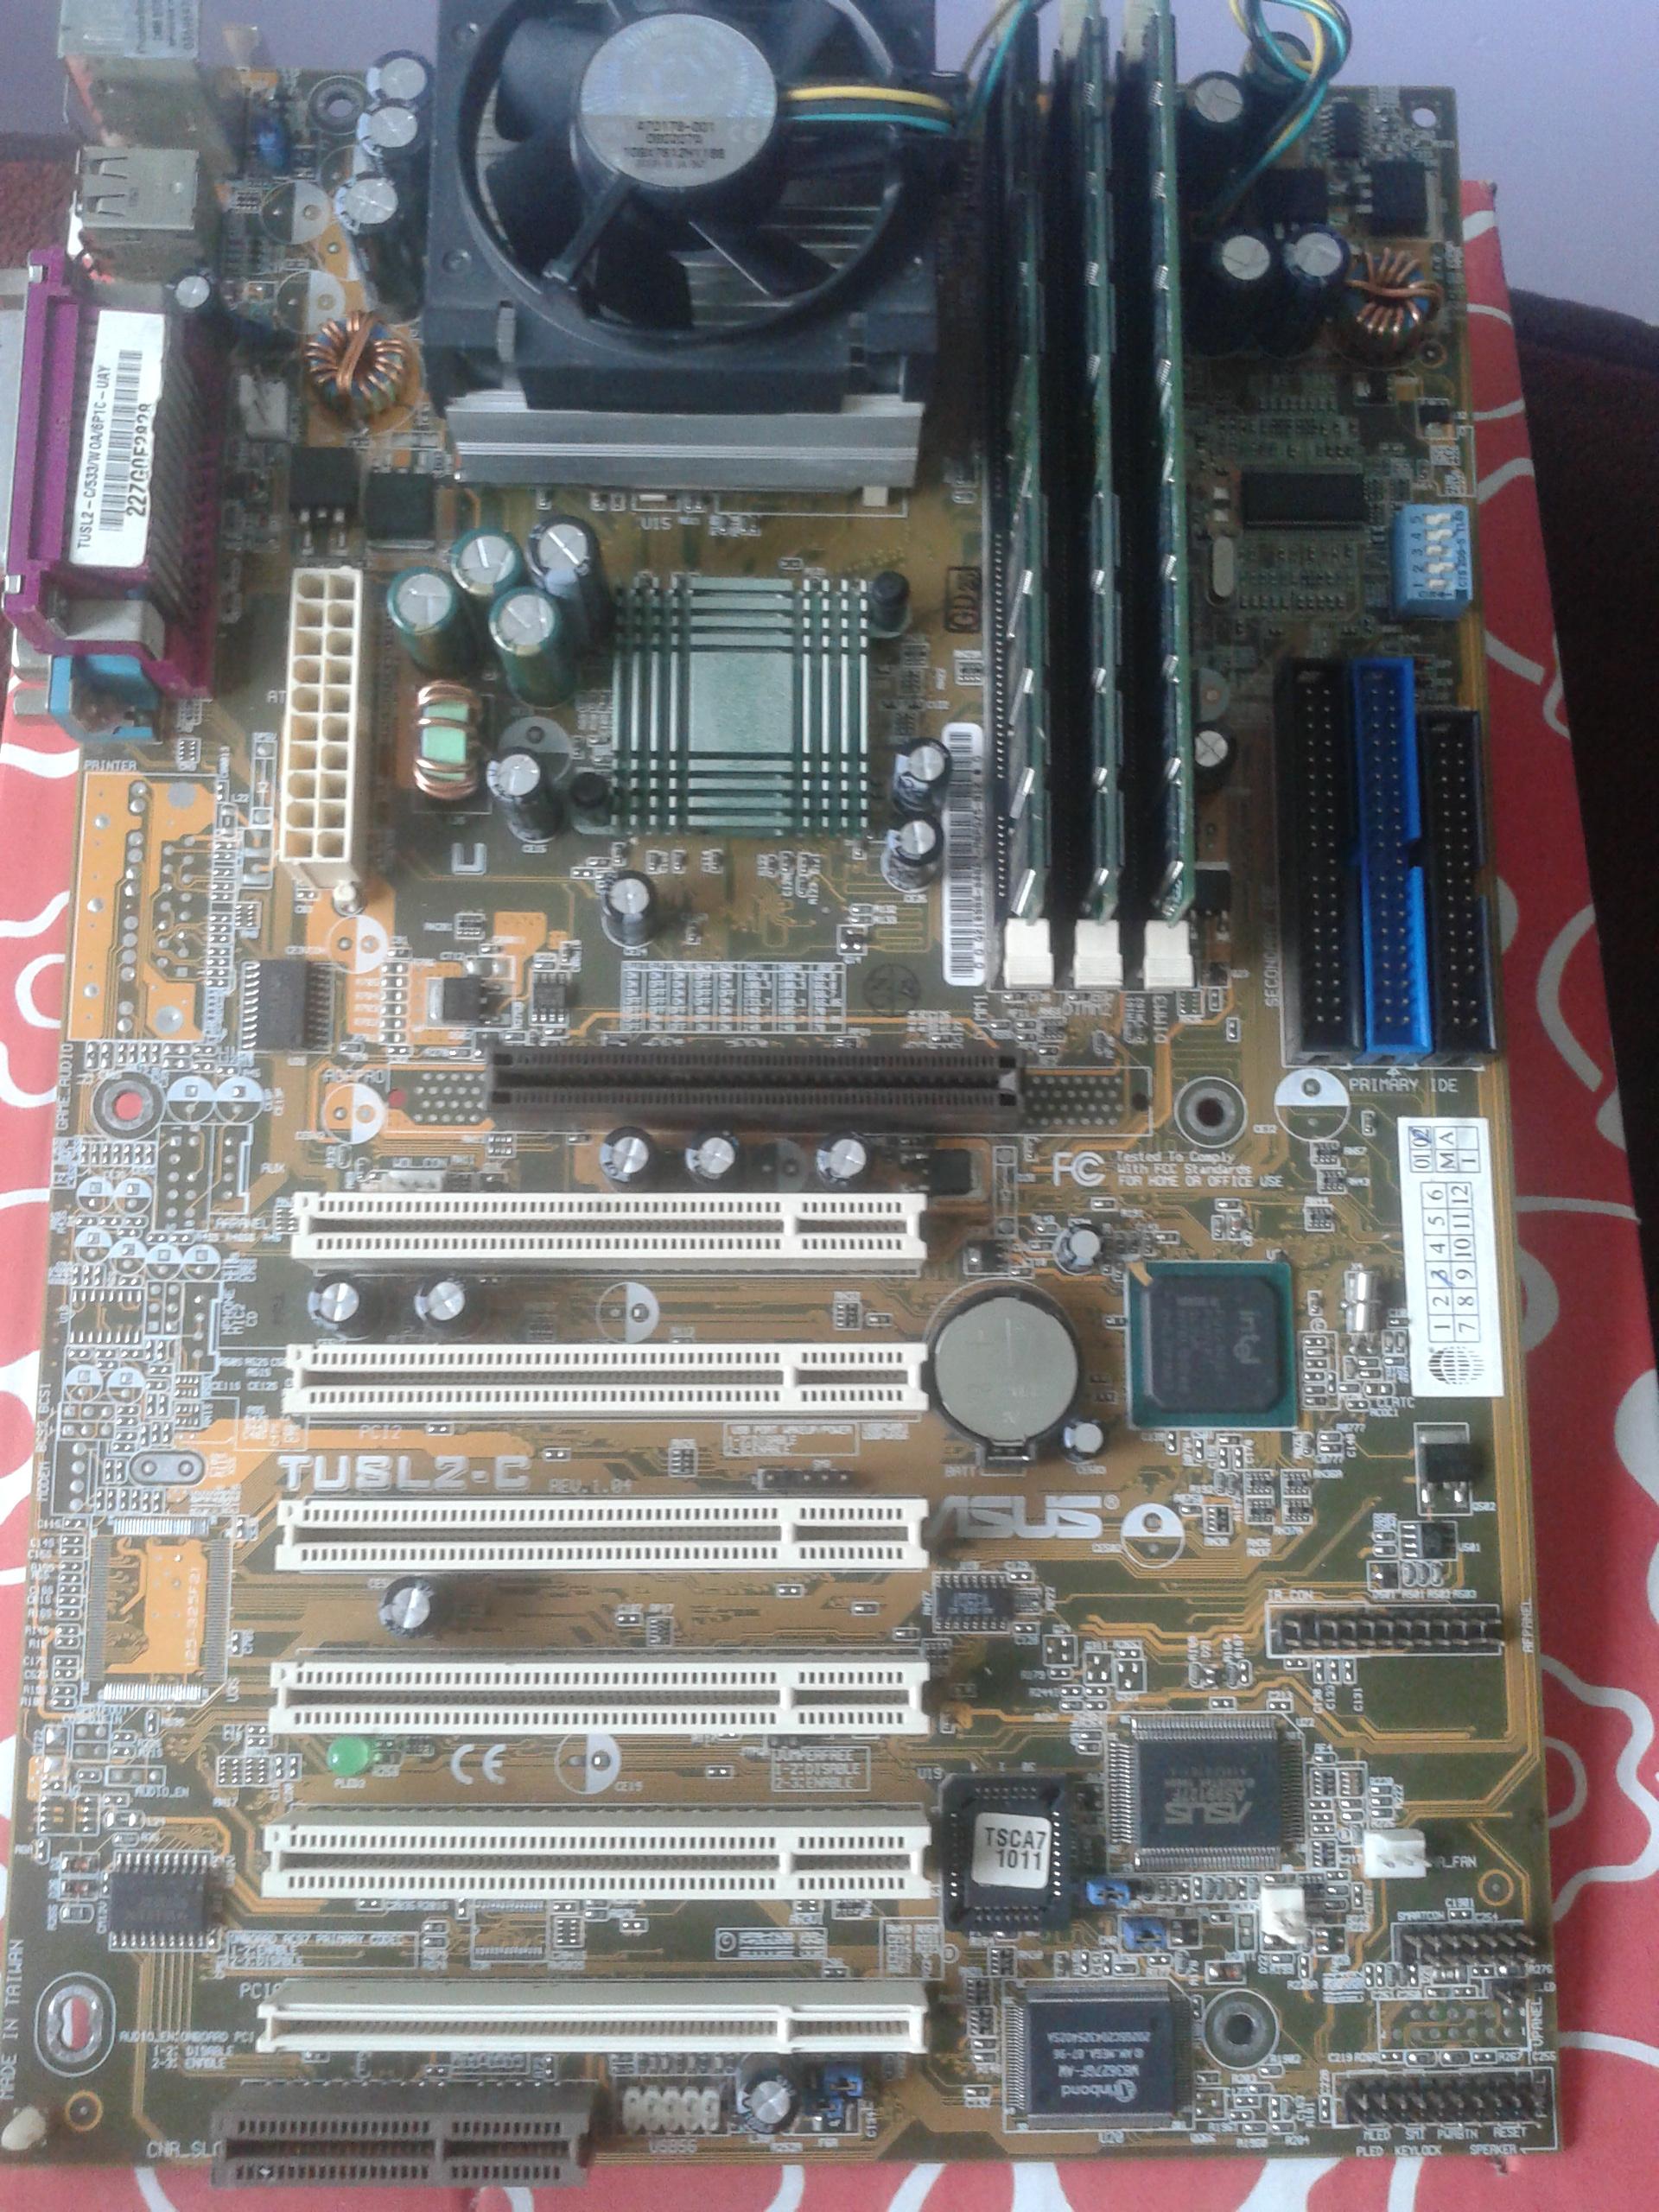 Prosz� o wycen� p�yta g��wna Asus TUSL-2C, Intel Celeron 1,2Ghz, 512 MB RAM